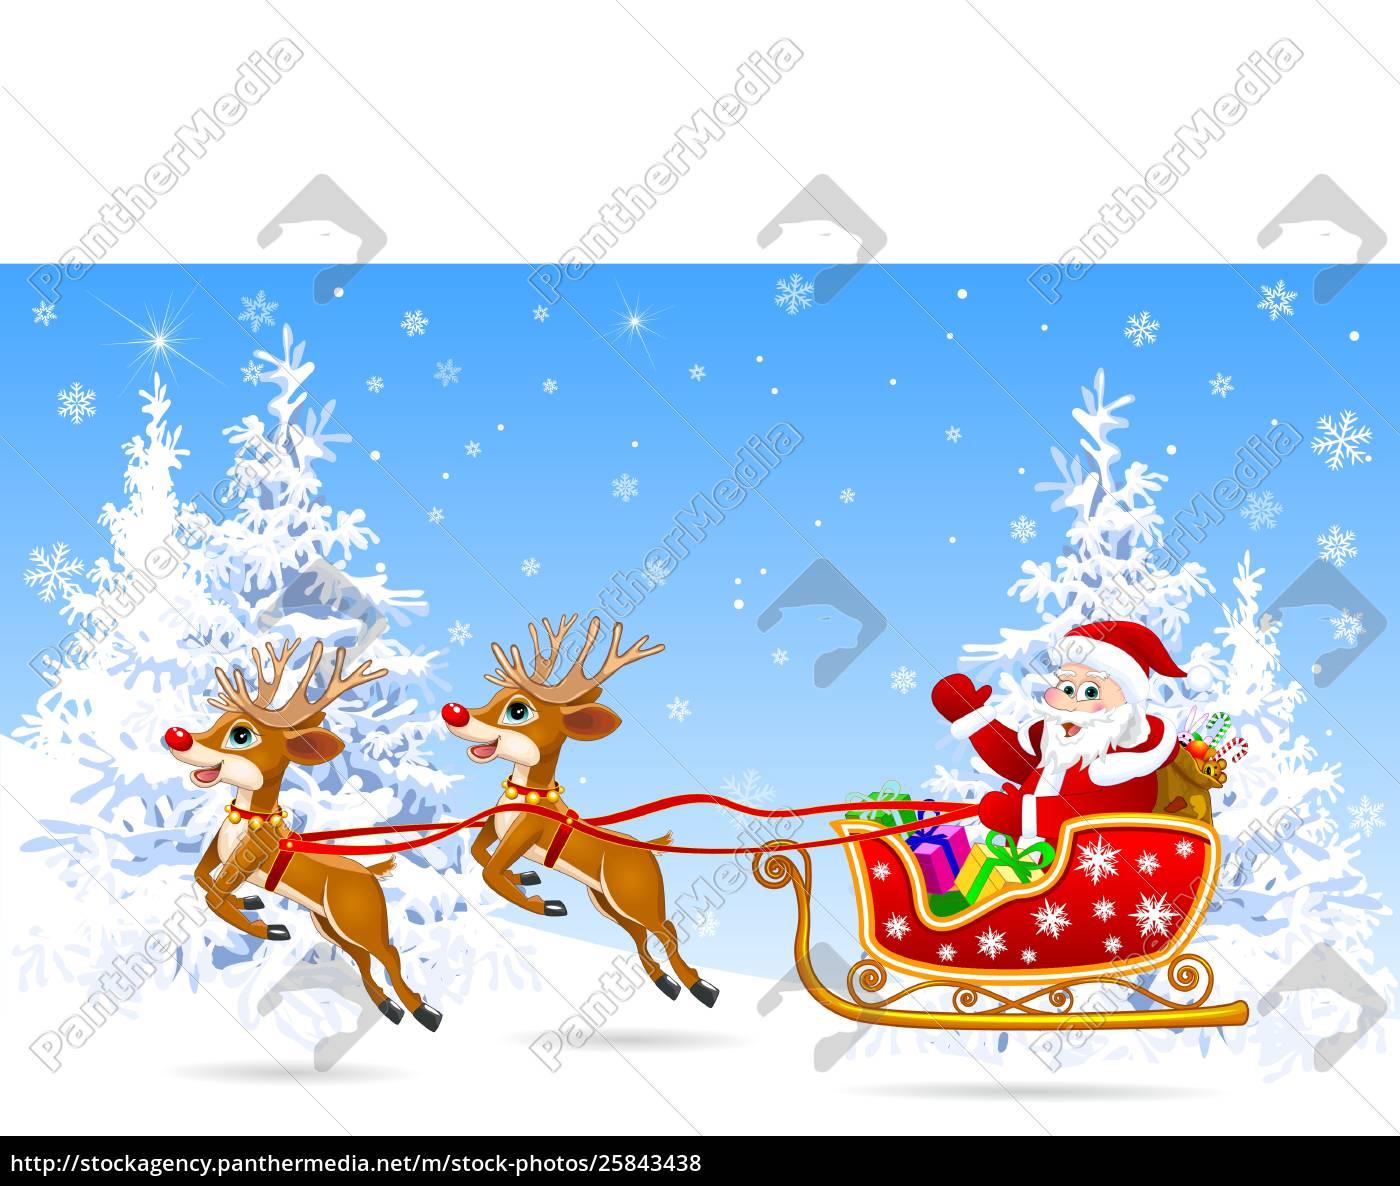 santa, on, sleigh, with, deer, 1 - 25843438